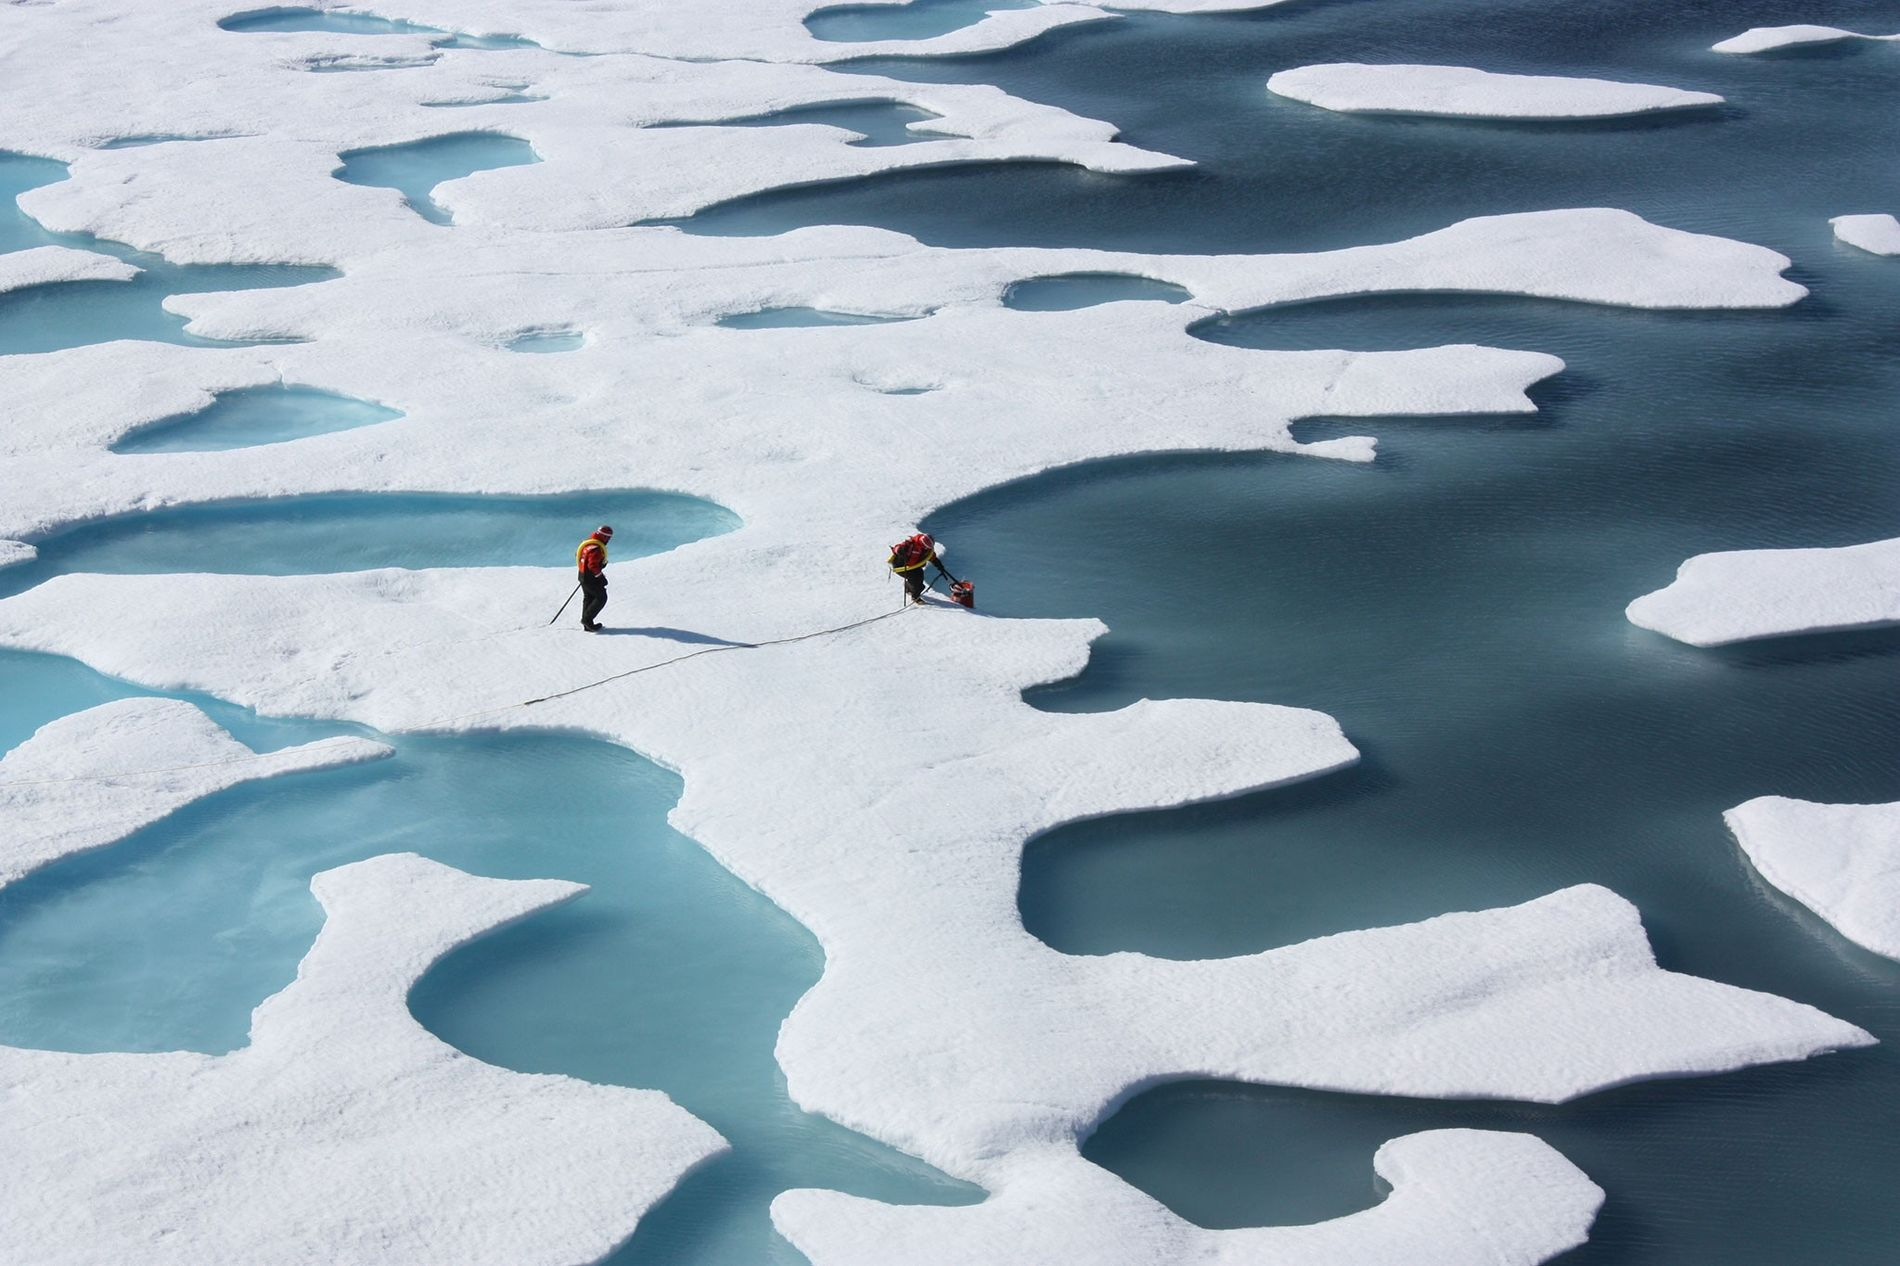 """Le 12 juillet 2011, des scientifiques américains ont récupéré une boîte larguée par parachute par un C-130, qui leur a permis de réparer certains appareils à mi-mission. La mission ICESCAPE, ou """"Impacts du climat sur les écosystèmes et la chimie de l'environnement du Pacifique arctique"""", est une enquête de la NASA à bord d'un navire visant à étudier l'incidence des conditions climatiques changeantes dans l'Arctique sur les écosystèmes océaniques. La majeure partie de la recherche s'est déroulée dans les mers de Beaufort et de Tchoukotka en 2010 et 2011."""